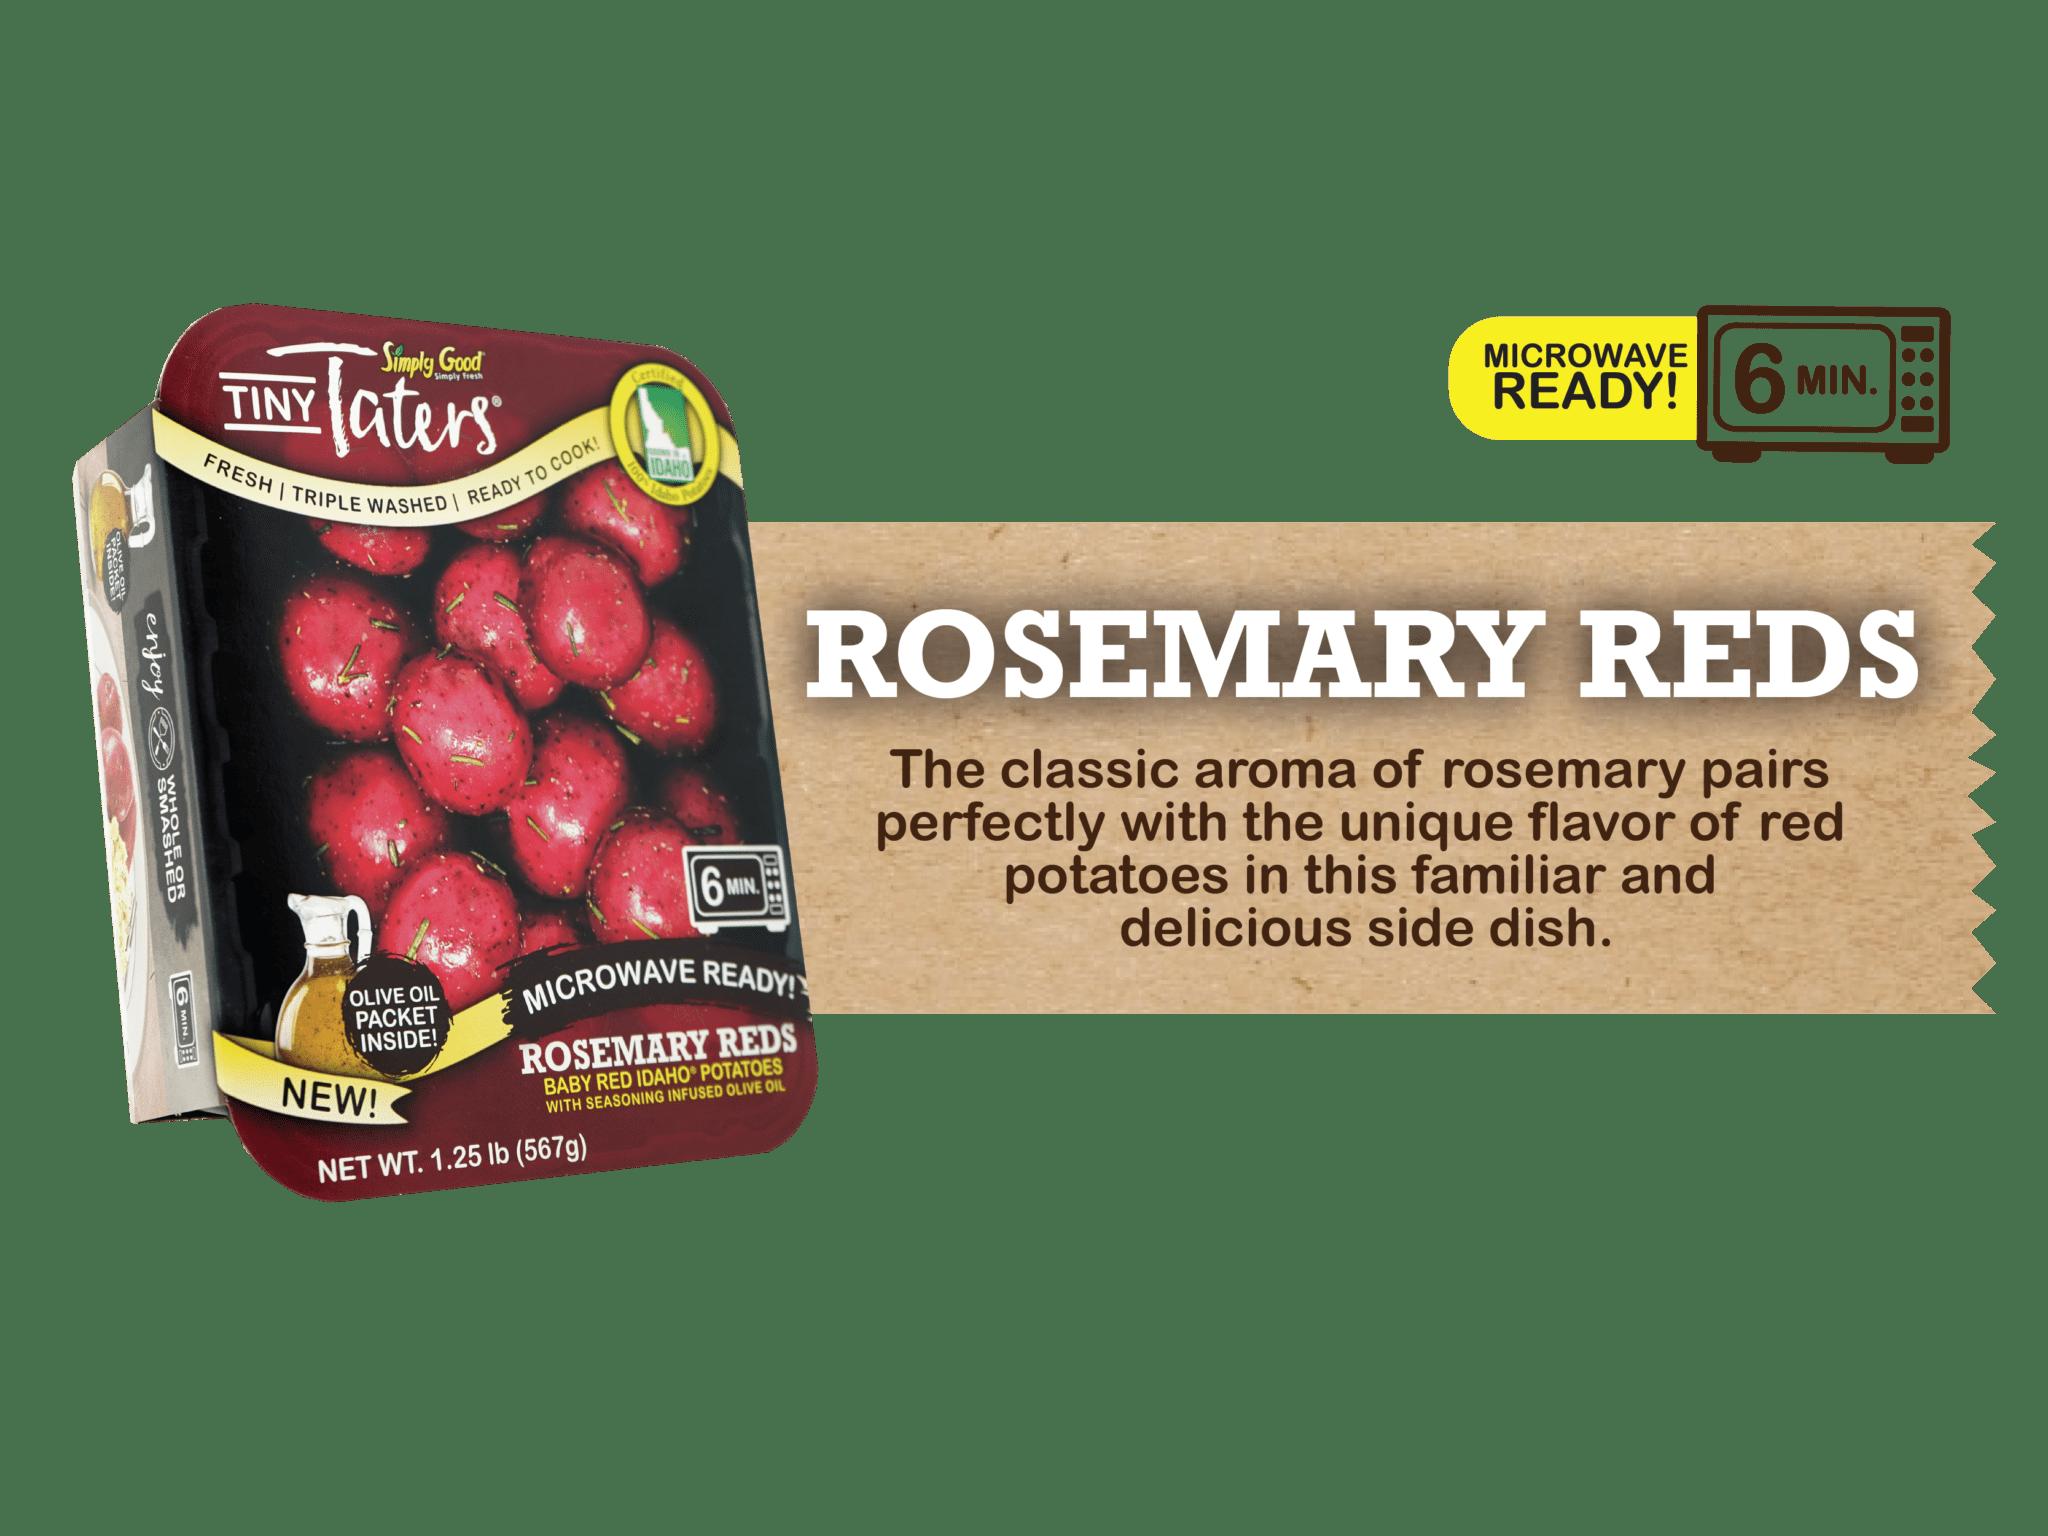 Eagle Eye Produce Tiny Taters Rosemary Reds